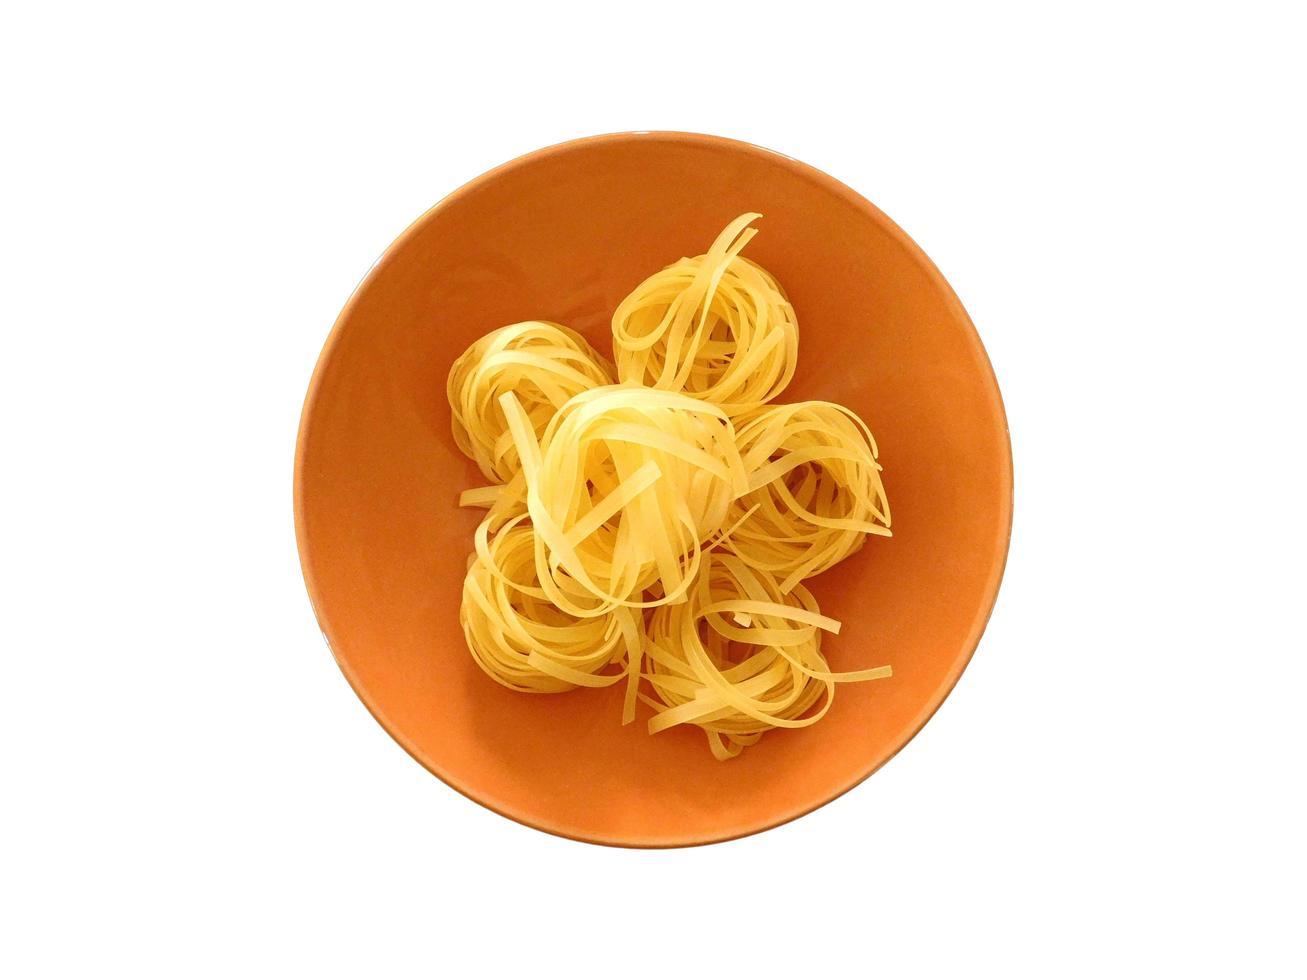 Pâtes dans un bol orange isolé sur fond blanc photo